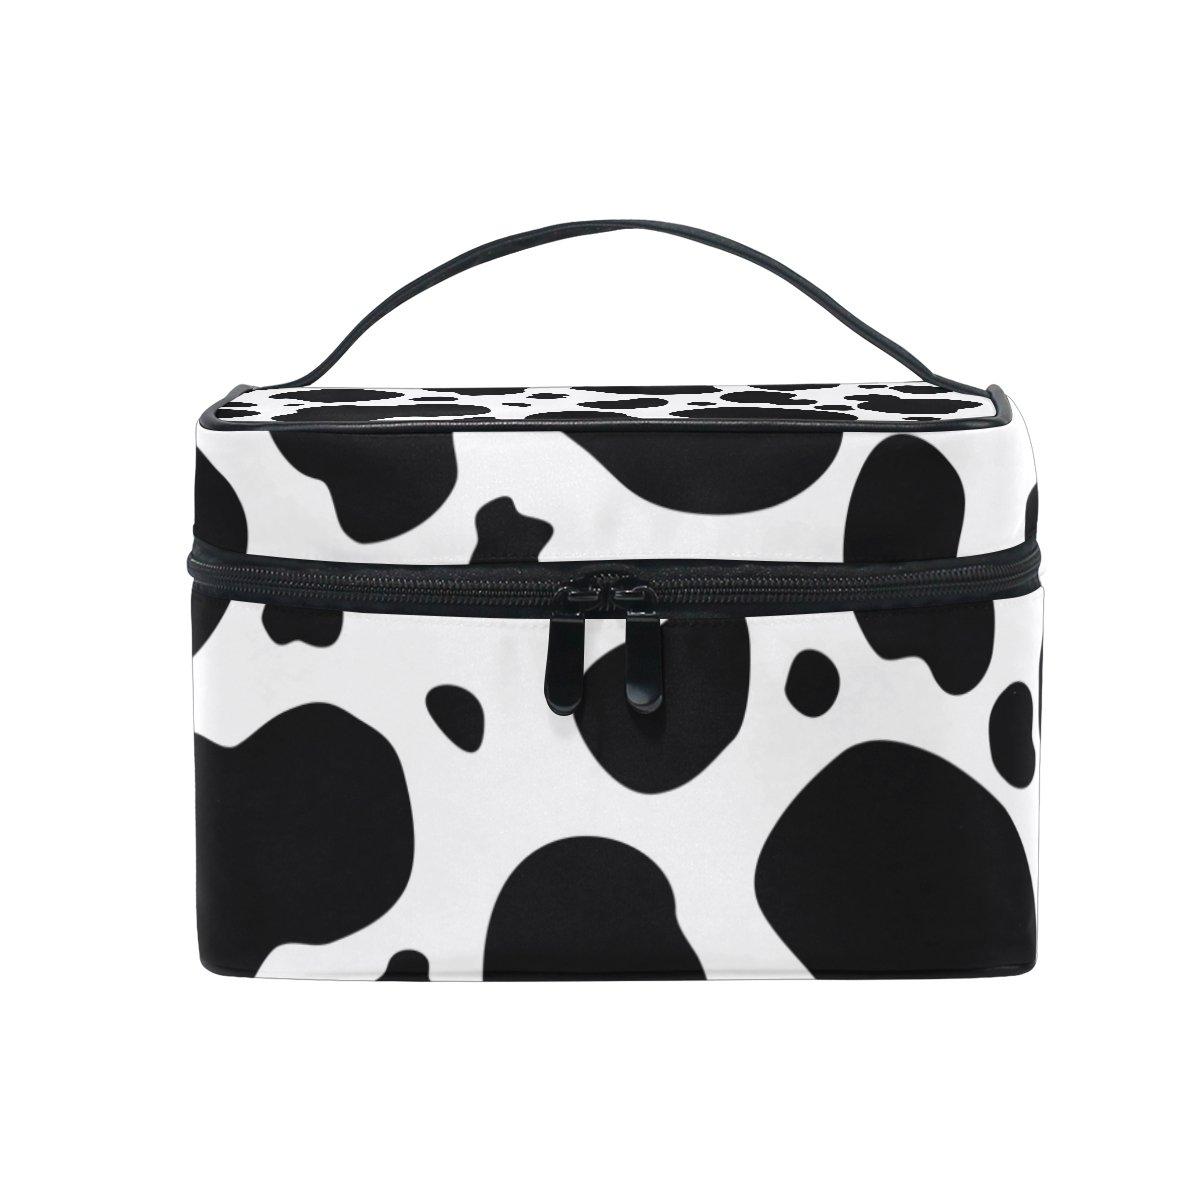 Modelo blanco y negro de la vaca cosmética bolsa de viaje Neceser